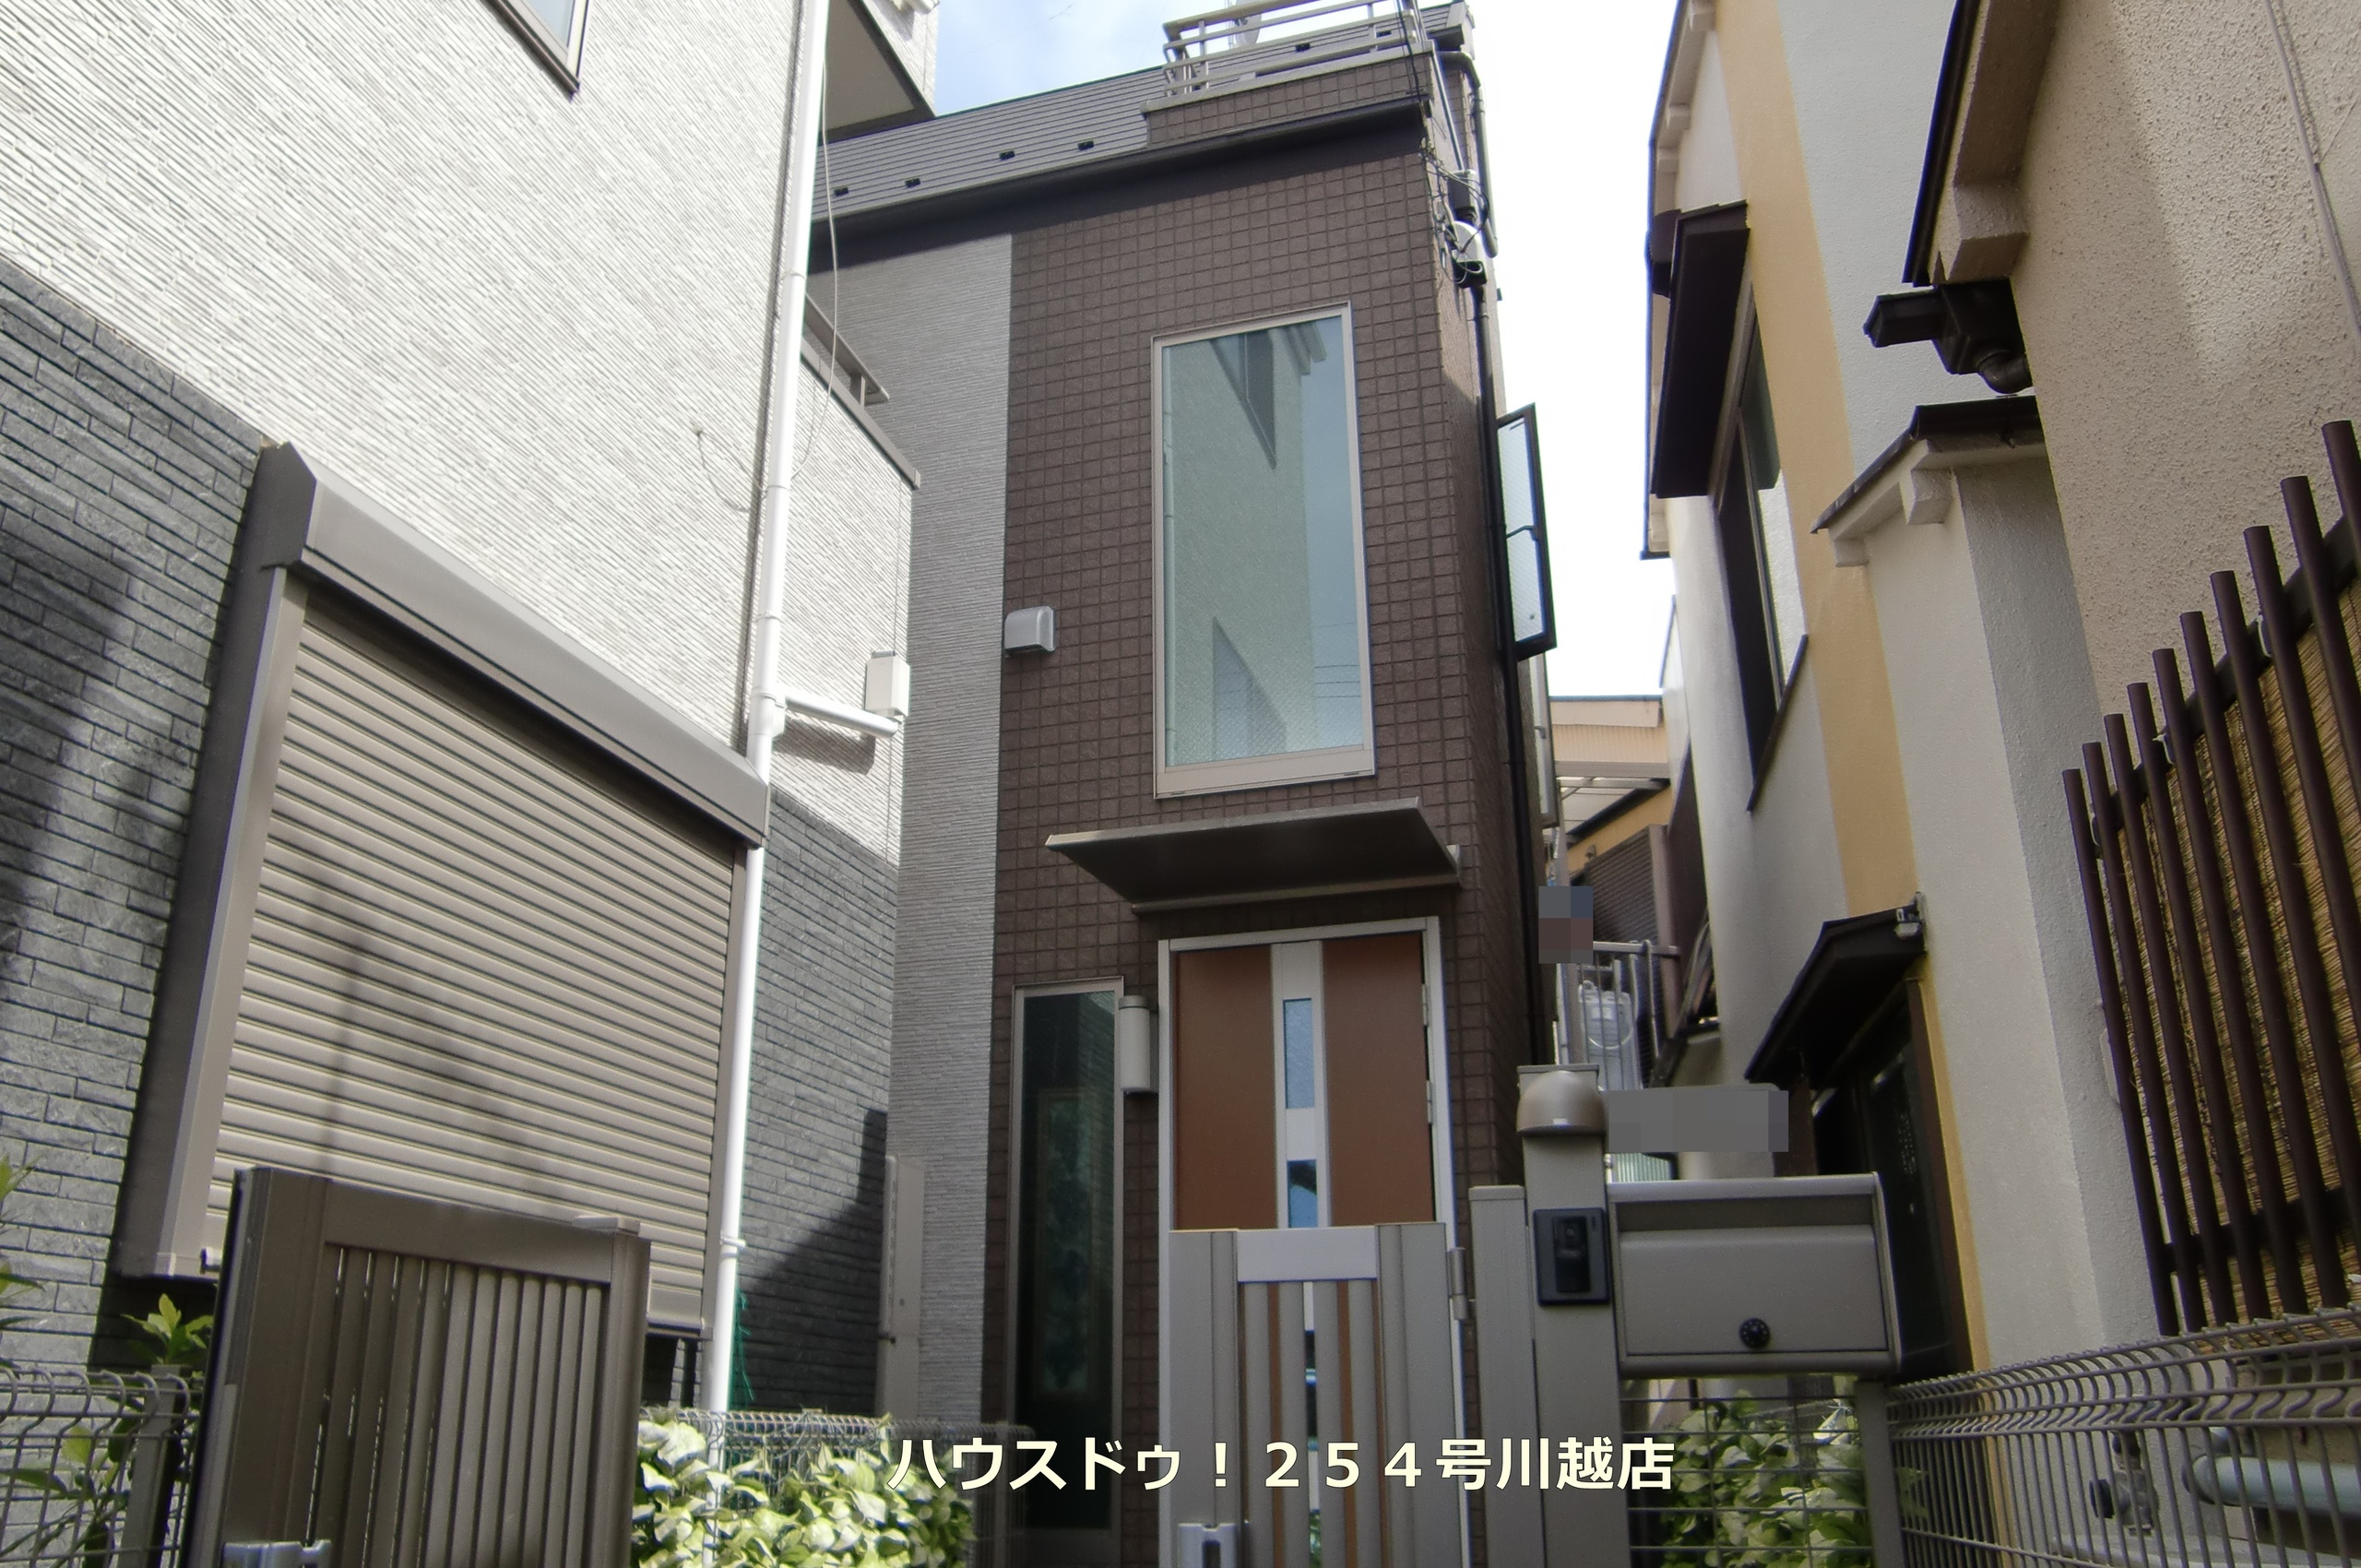 東京都葛飾区西新小岩